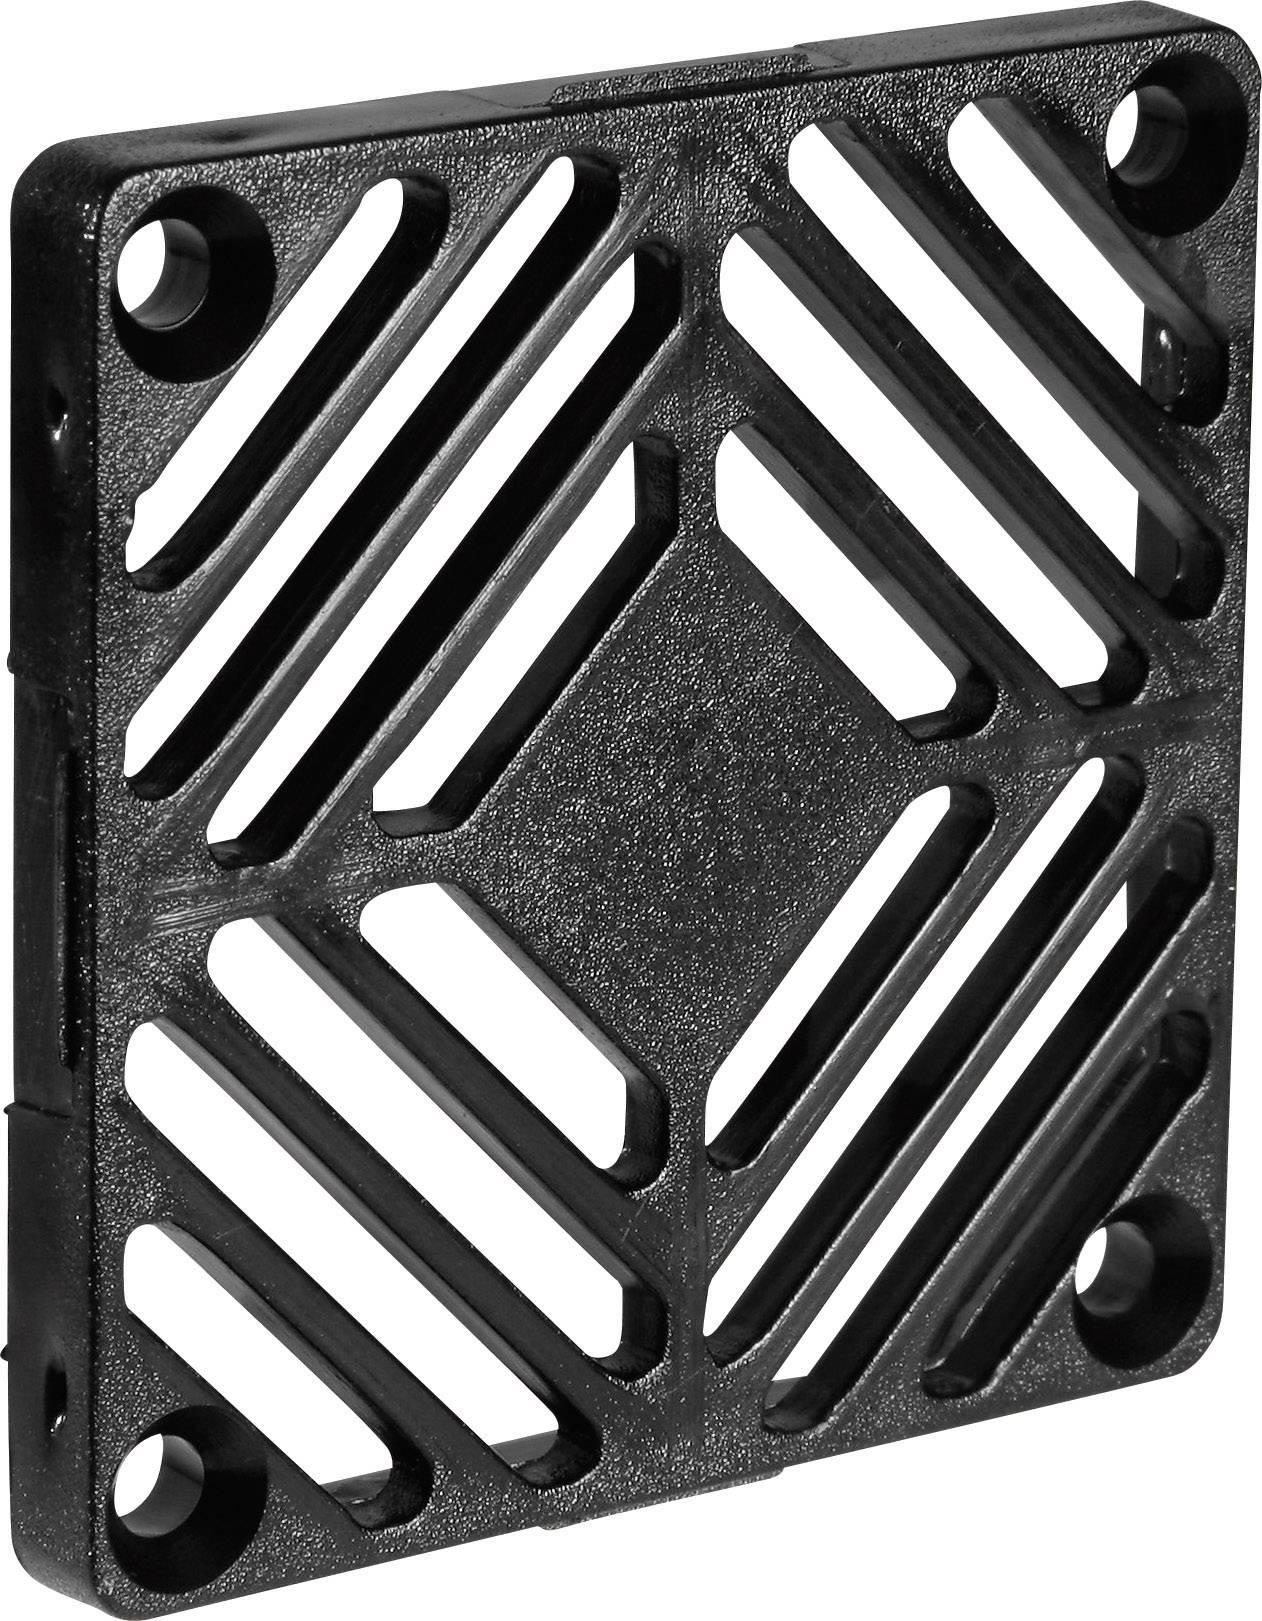 Ochranná mřížka ventilátoru SEPA FG92K, 92 x 92 x 5.5 mm